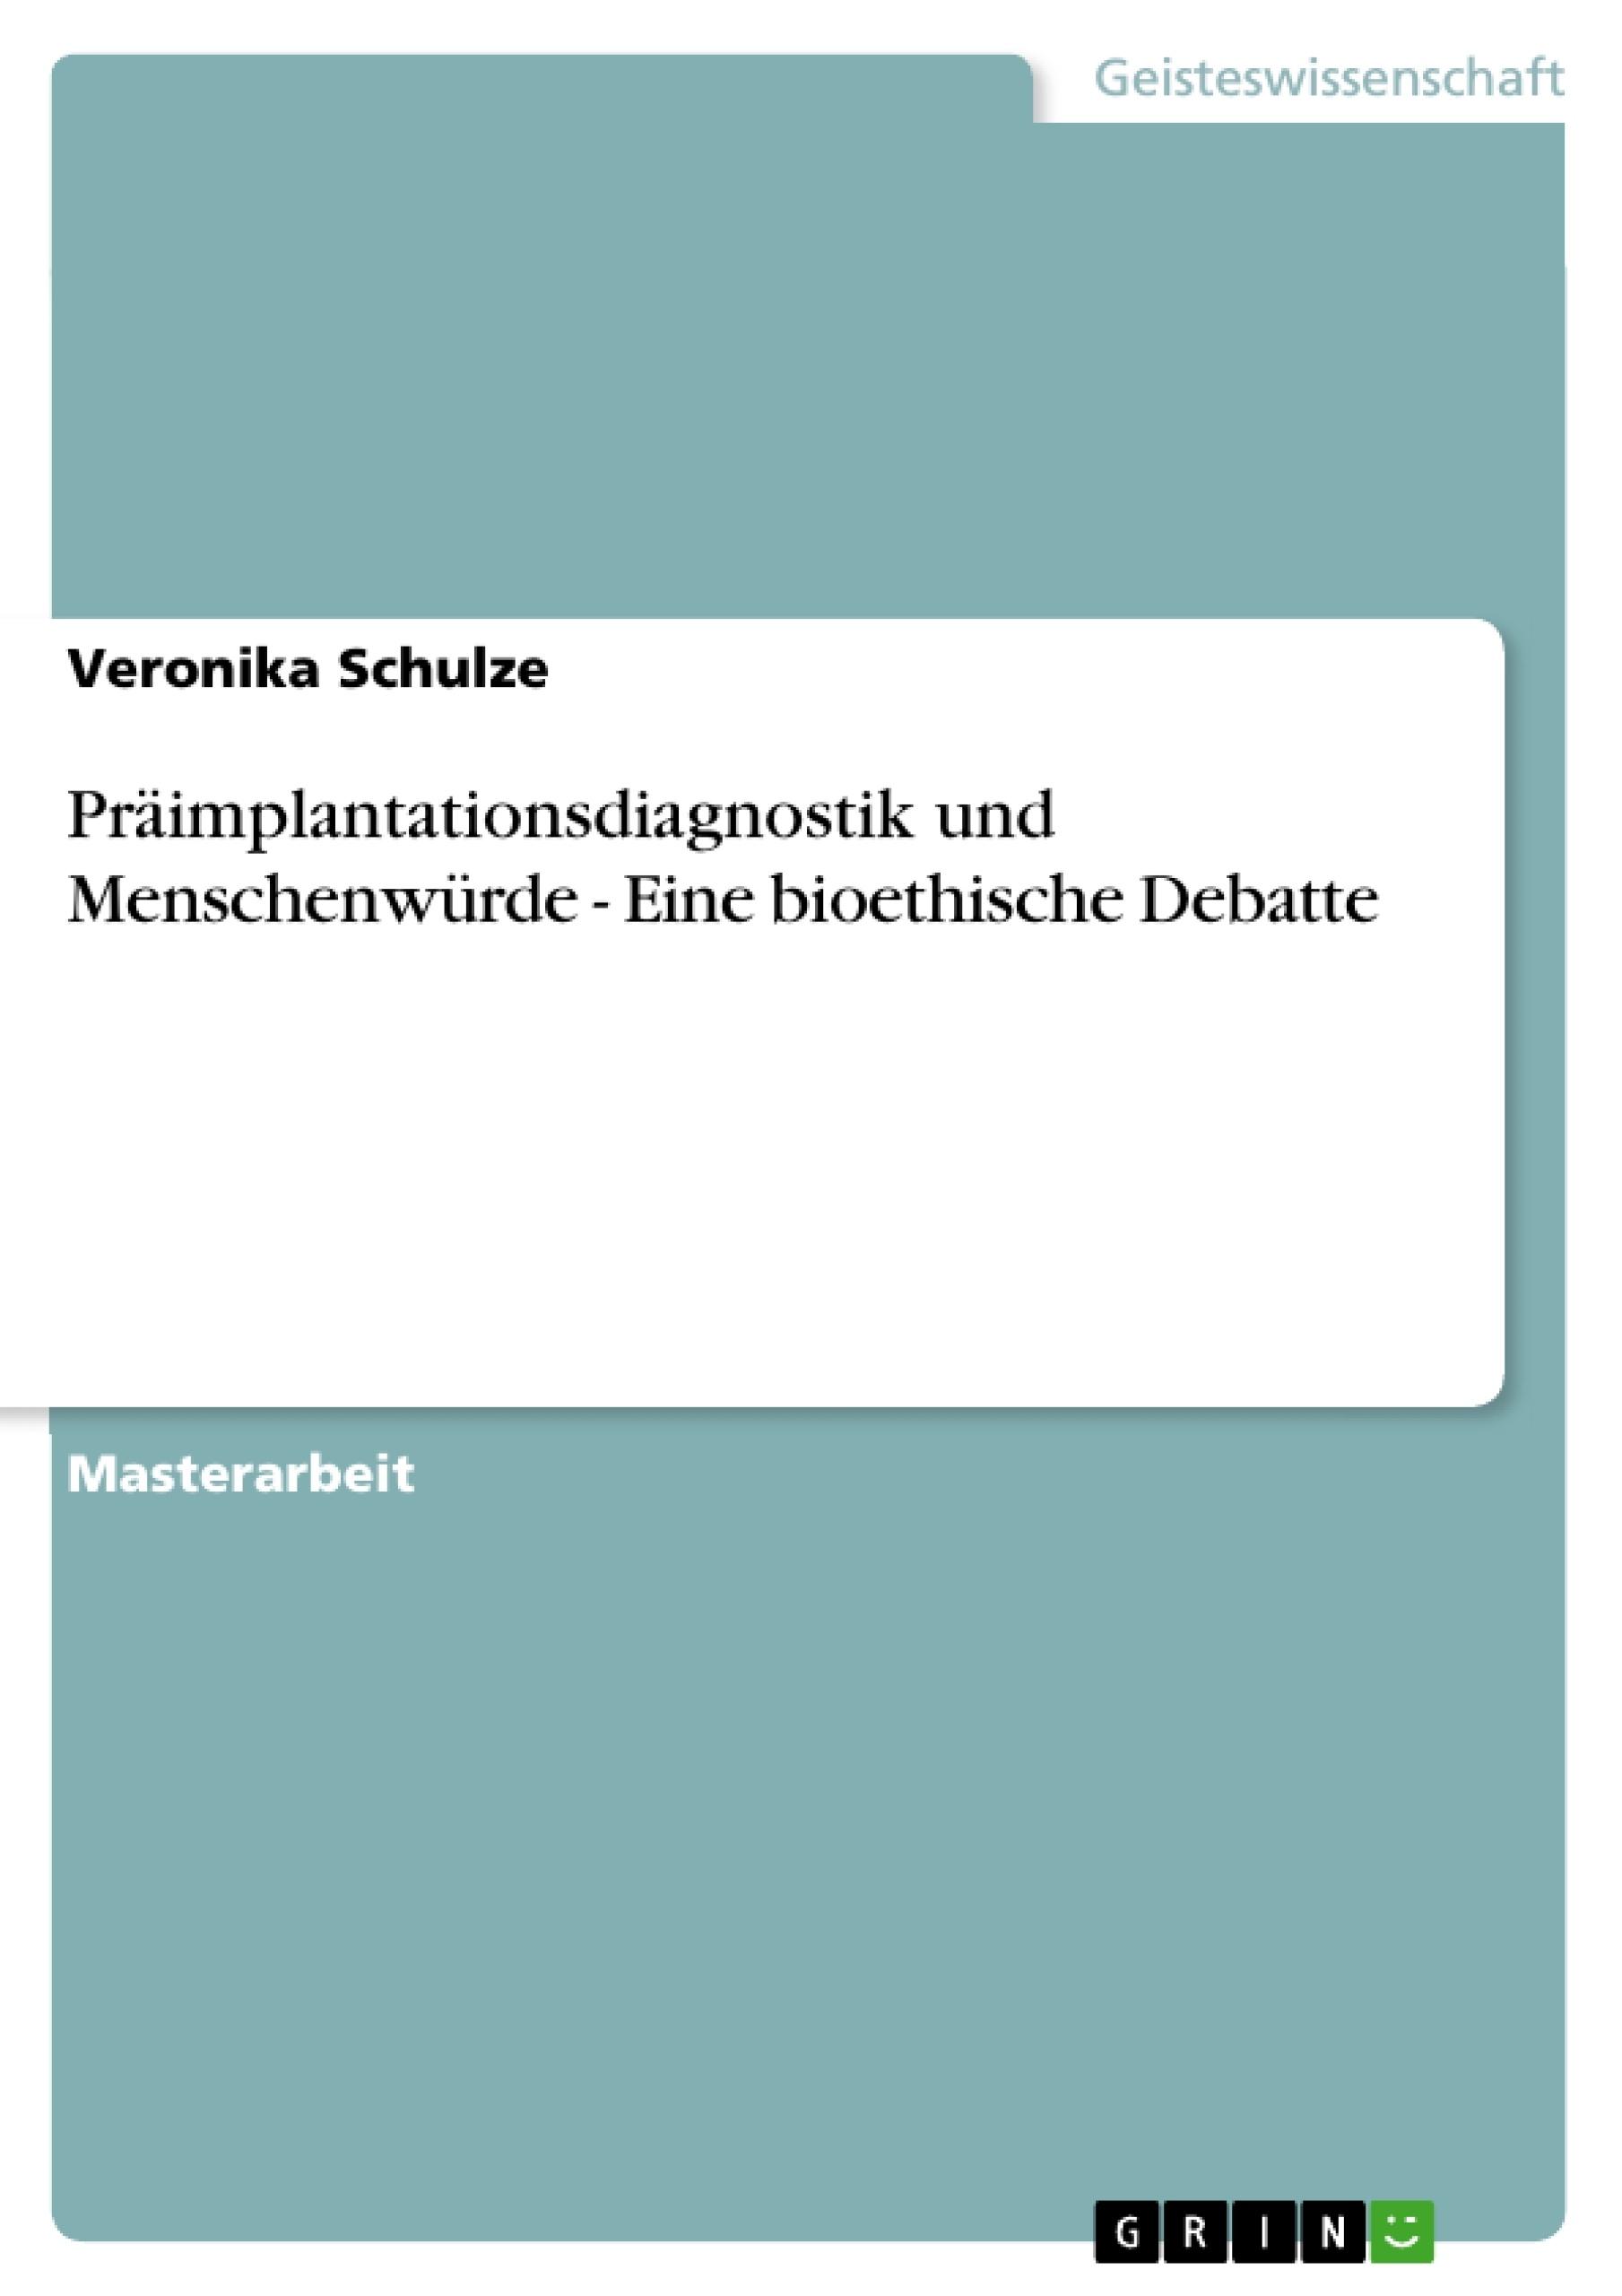 Titel: Präimplantationsdiagnostik und Menschenwürde - Eine bioethische Debatte